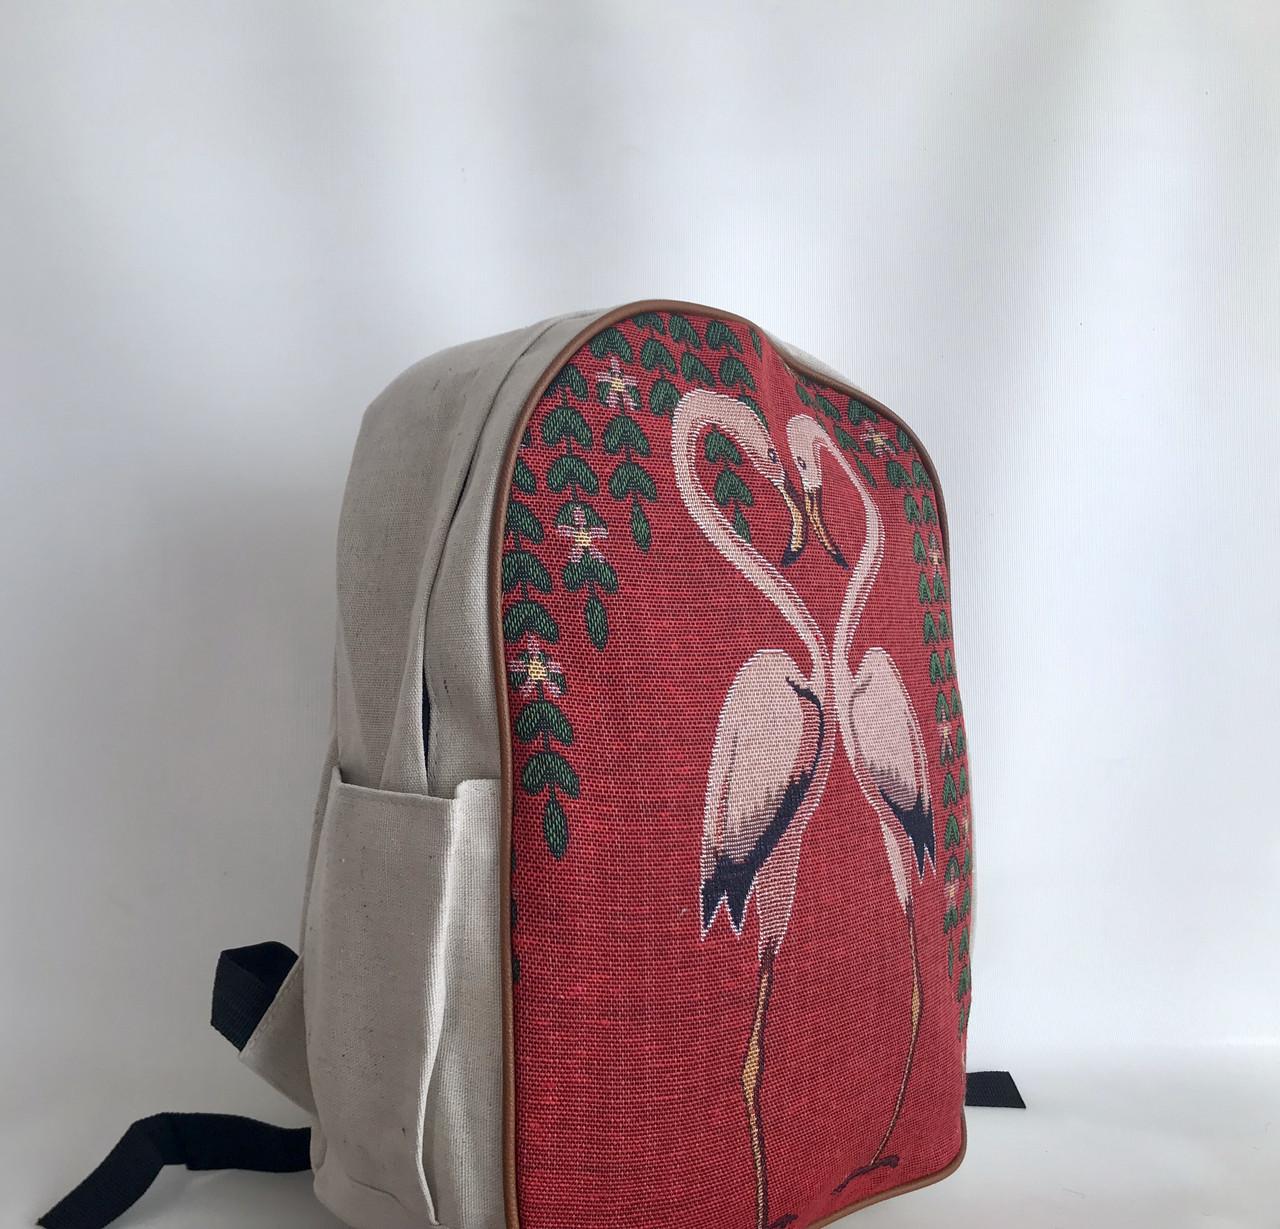 16570c7bd081 Рюкзак текстильный городской Фламинго представлен в магазине «BAGSTYLE»